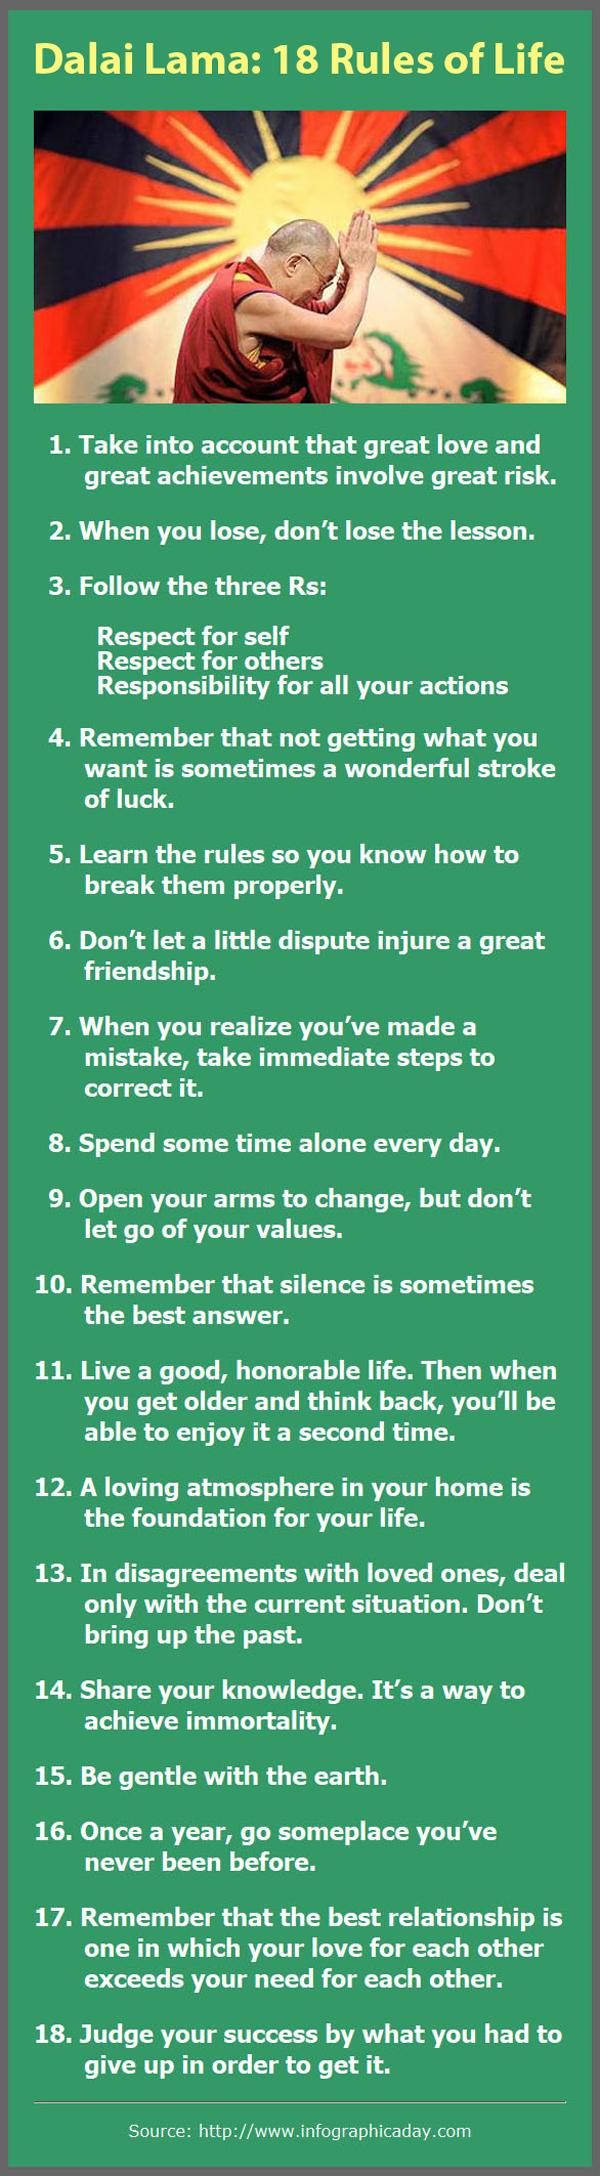 18 Rules of Life via the Dalai Lama